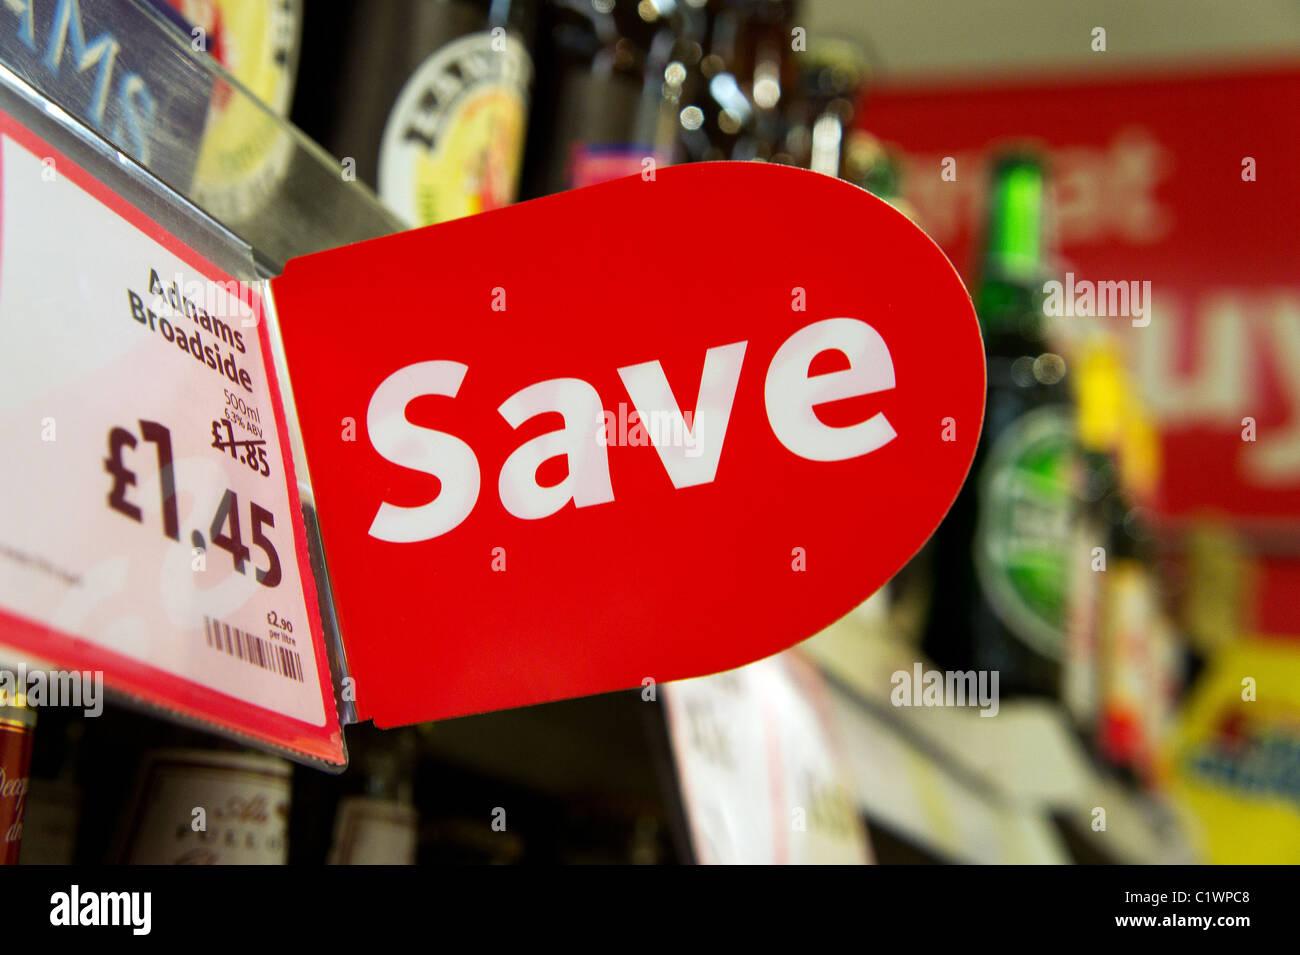 Eine Speicherung Geld Zeichen in eine britische Supermarktkette Stockbild